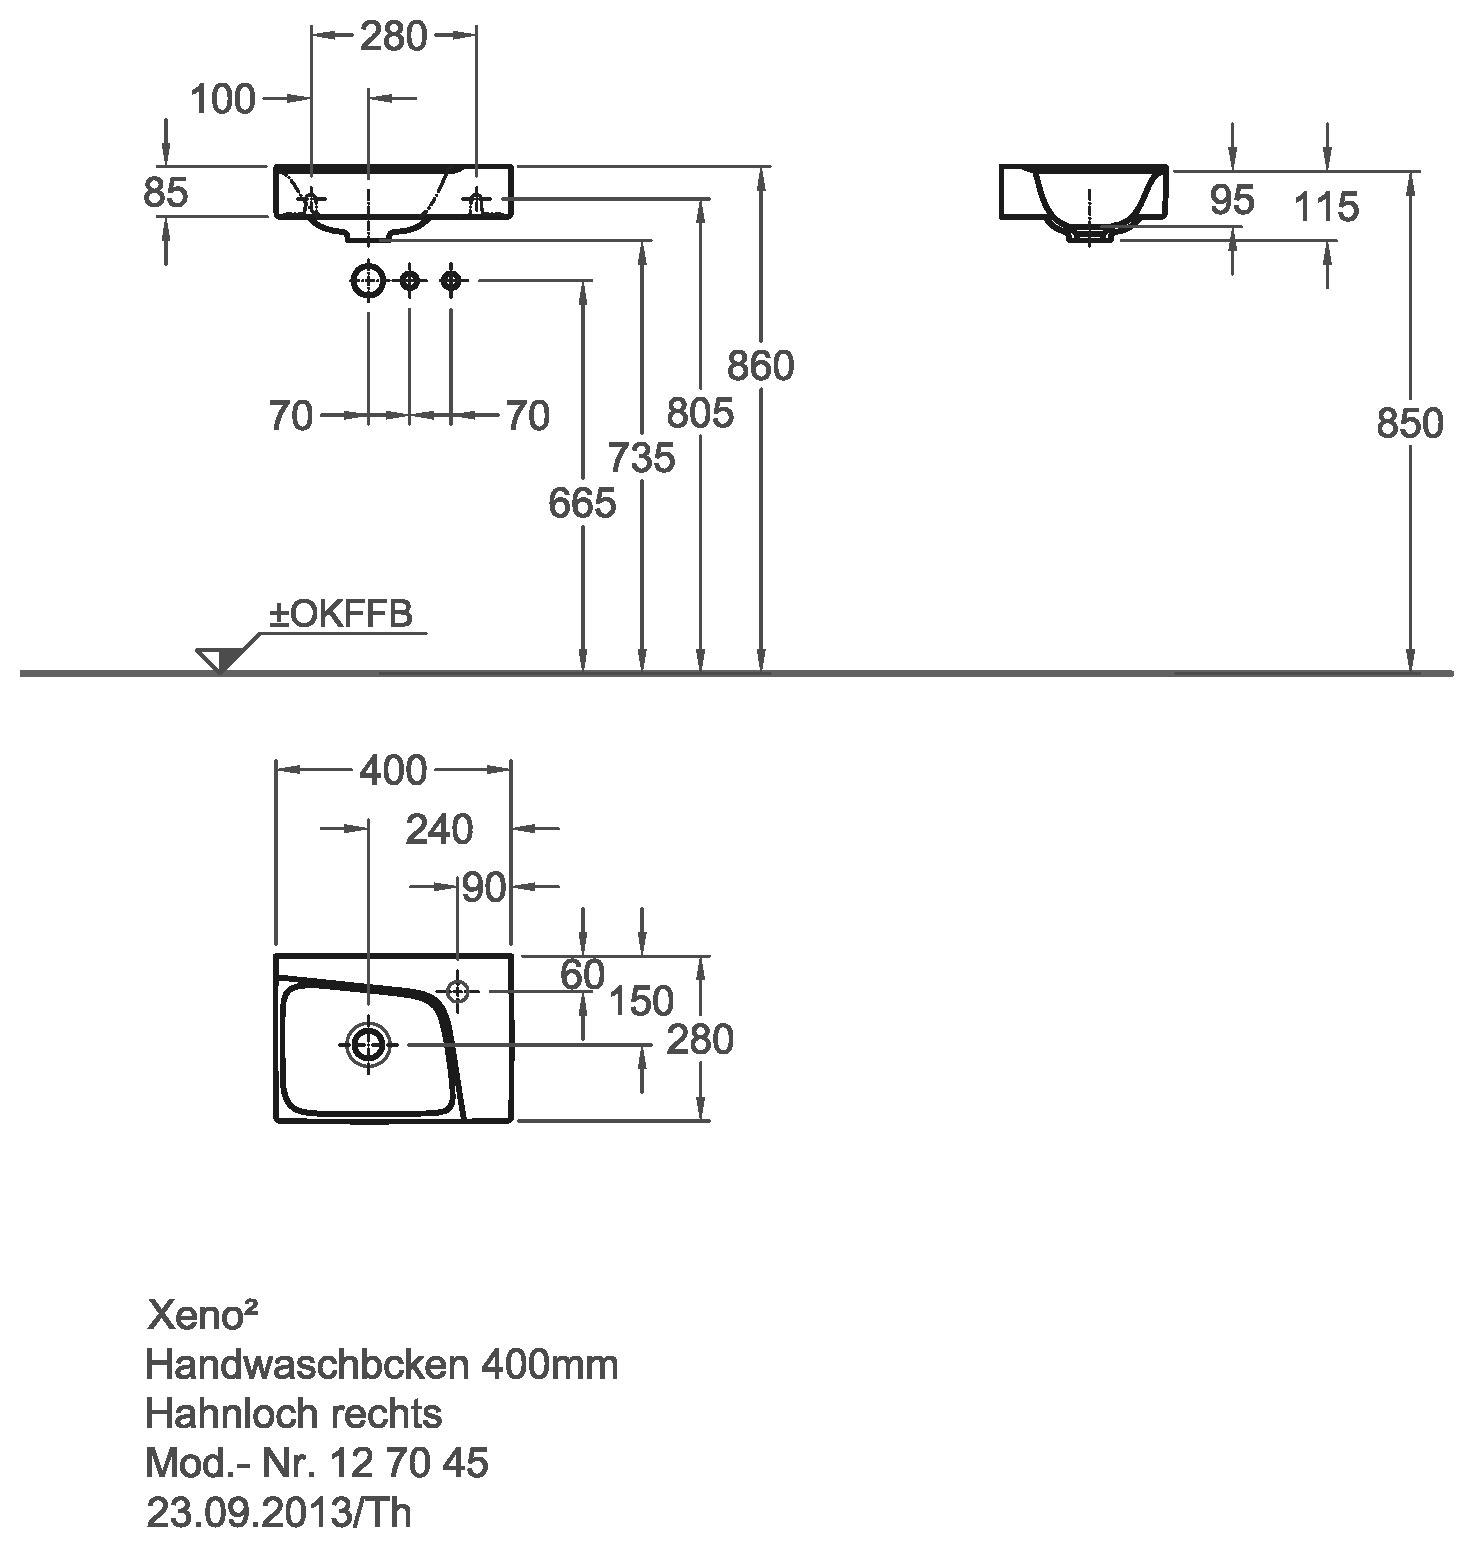 keramag xeno2 handwaschbecken 400mm x 280mm ohne berlauf hahnloch rechts wei alpin keratect. Black Bedroom Furniture Sets. Home Design Ideas